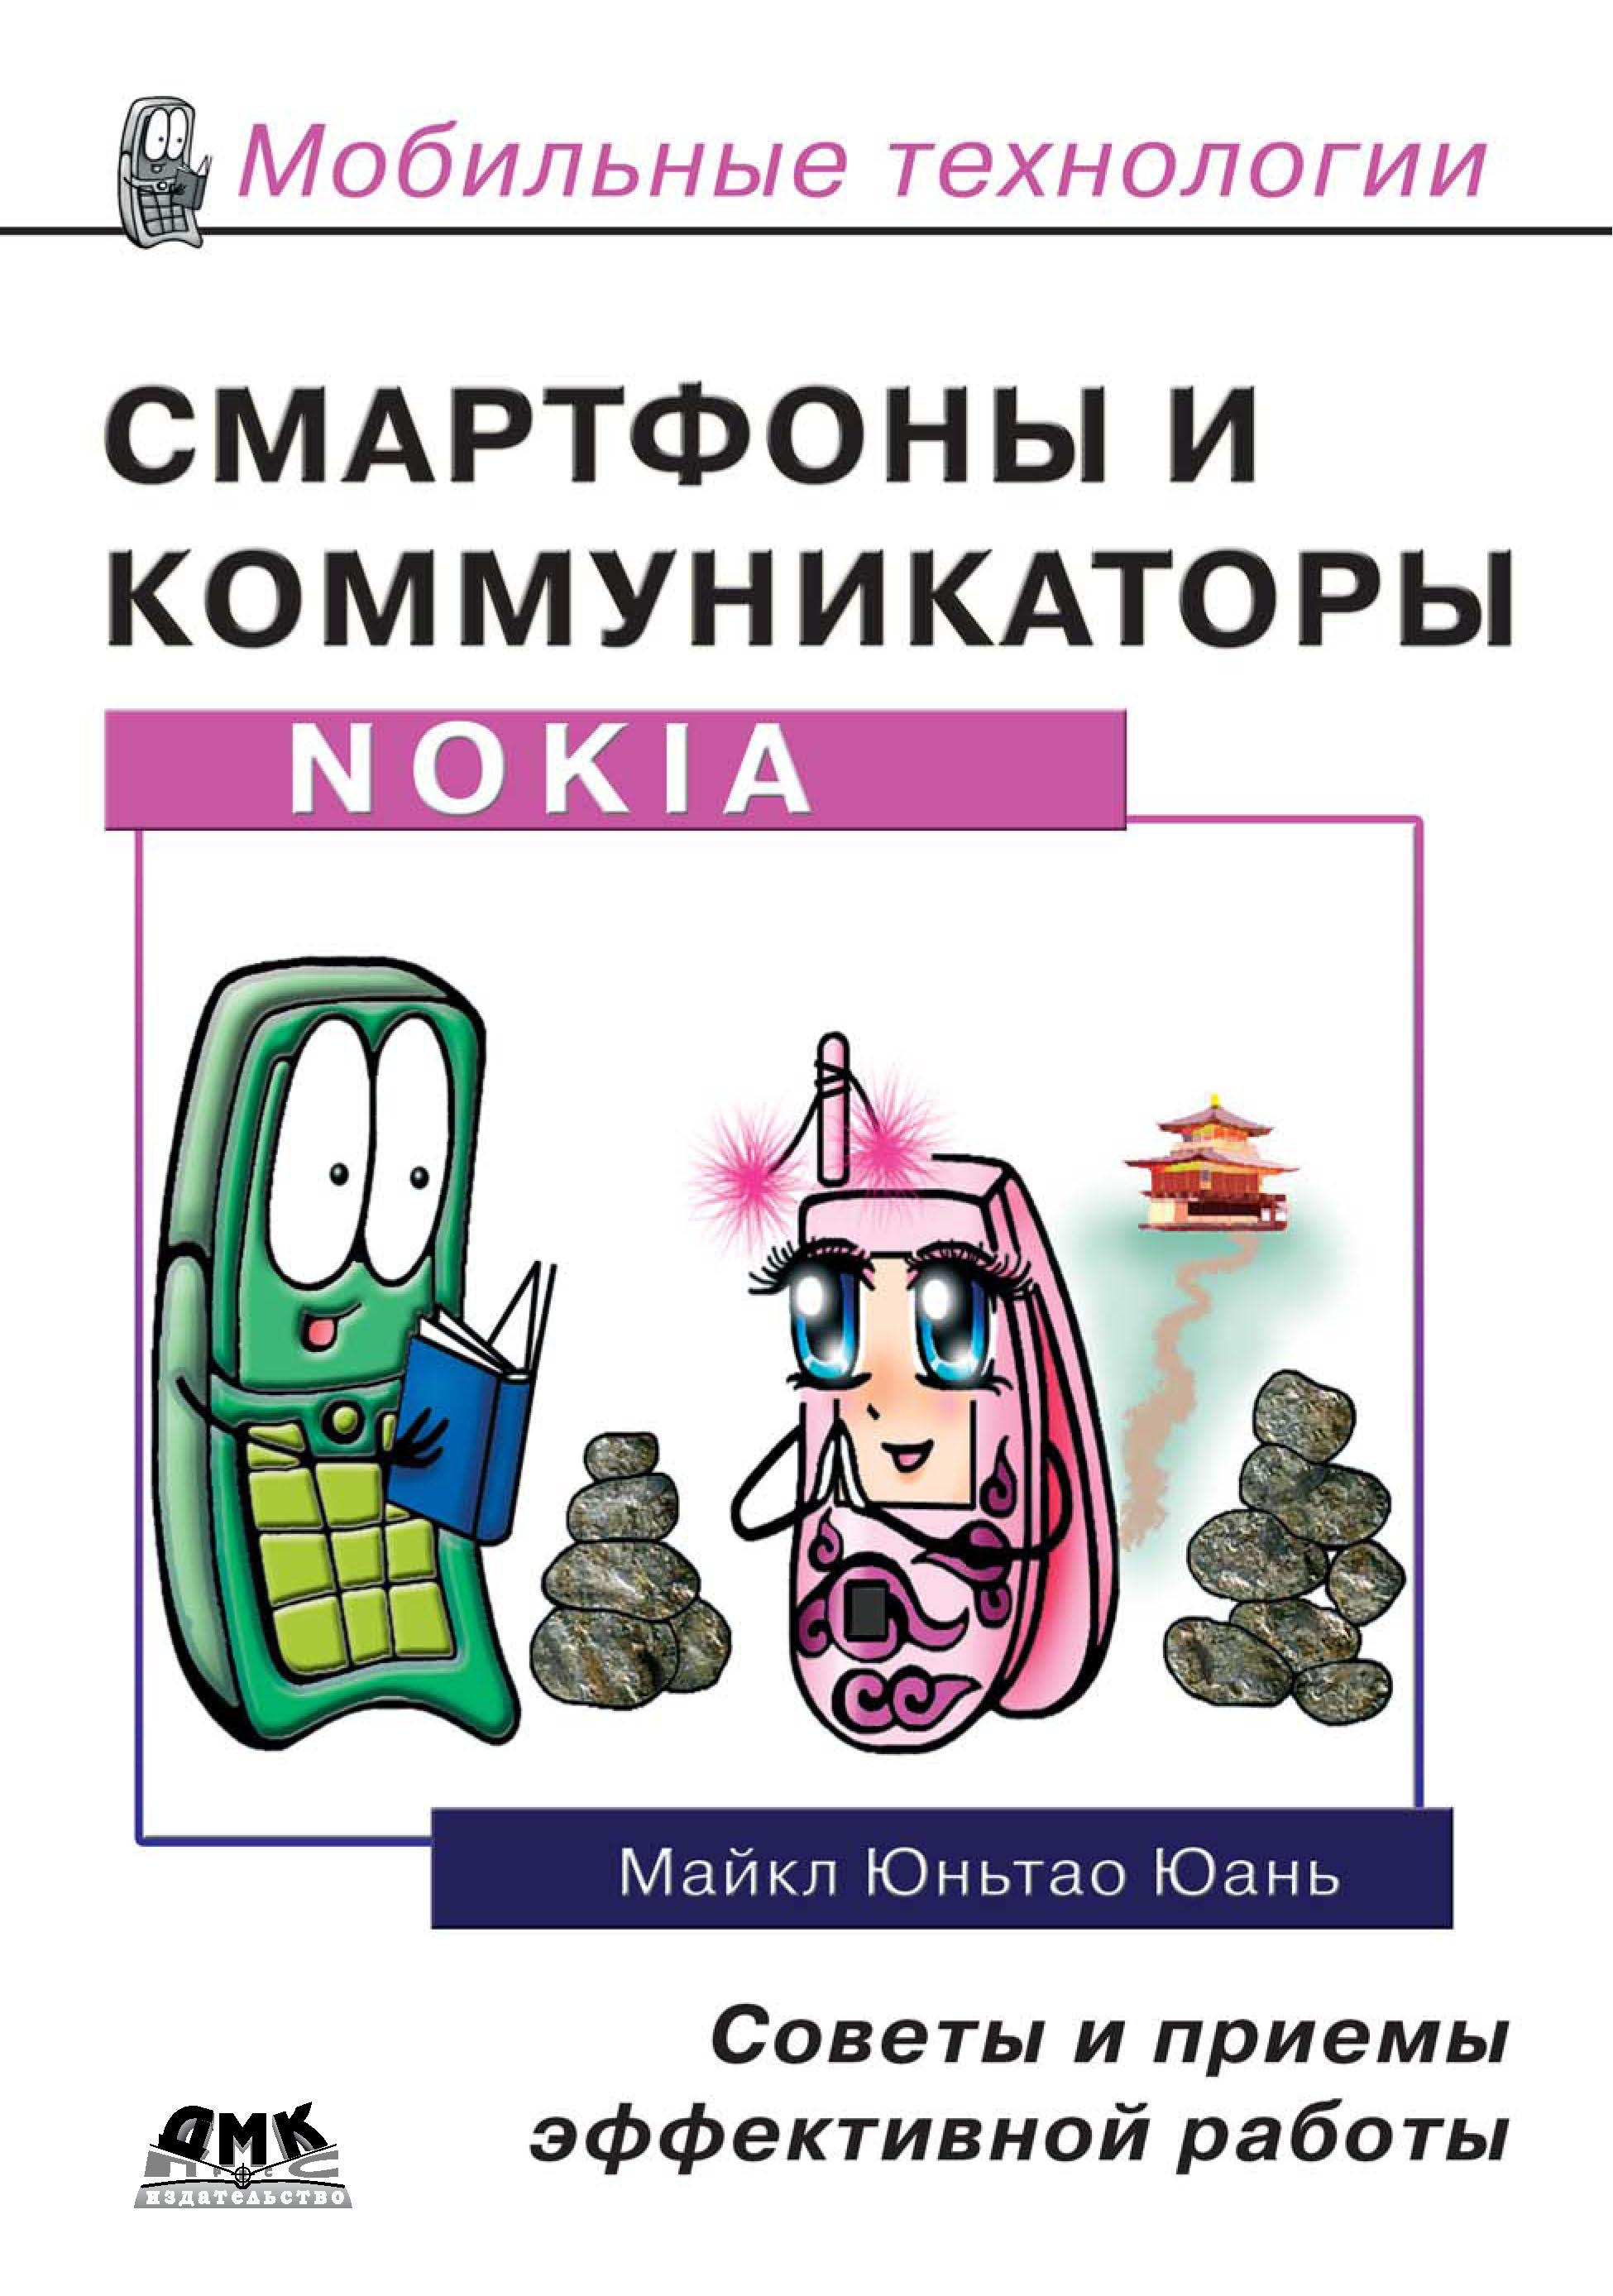 Фото - Майкл Юньтао Юань Смартфоны и коммуникаторы Nokia. Советы и приемы эффективной работы коммуникаторы